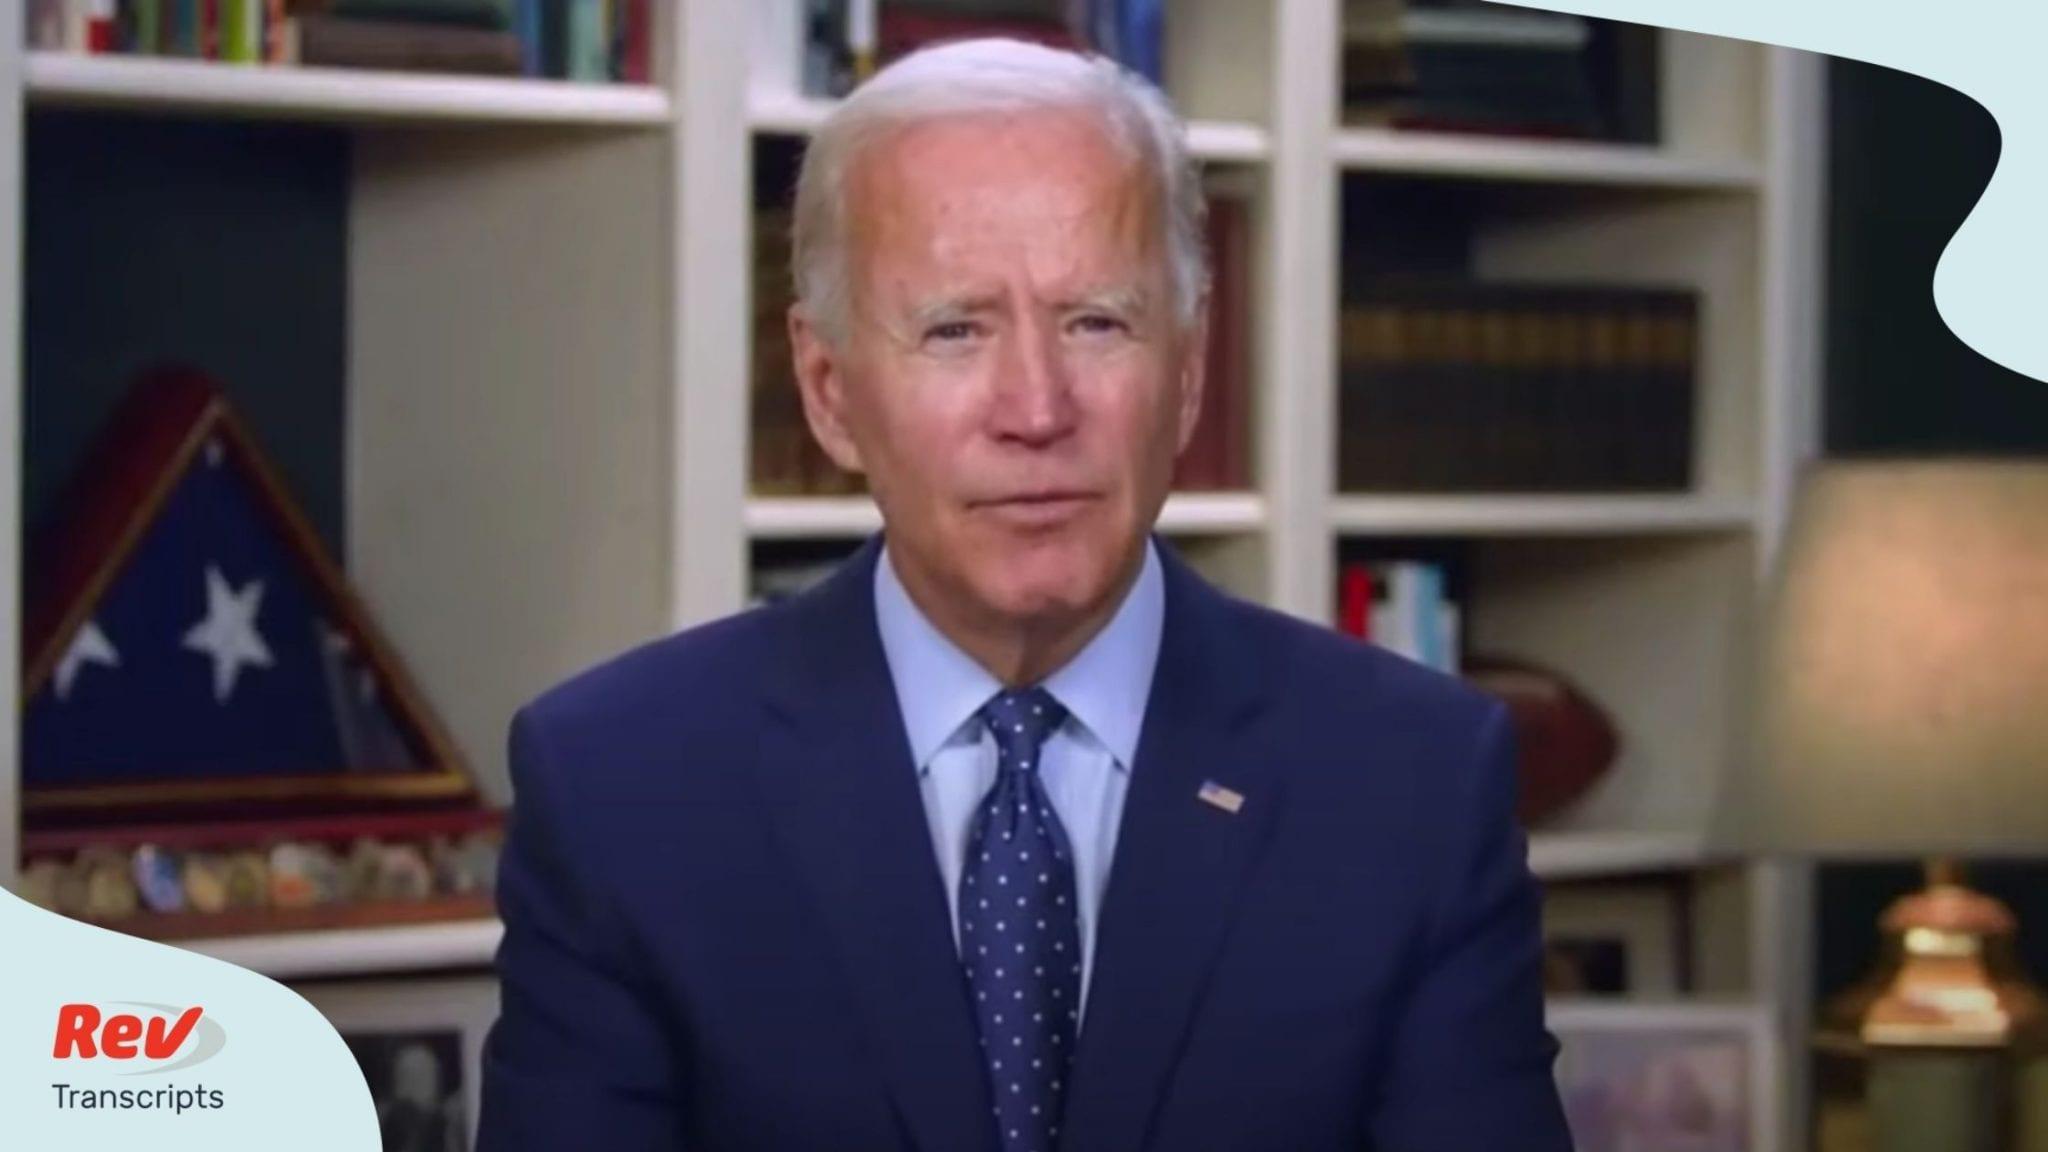 Joe Biden Speech Transcript August 6: National Association of Latino Elected Officials Conference